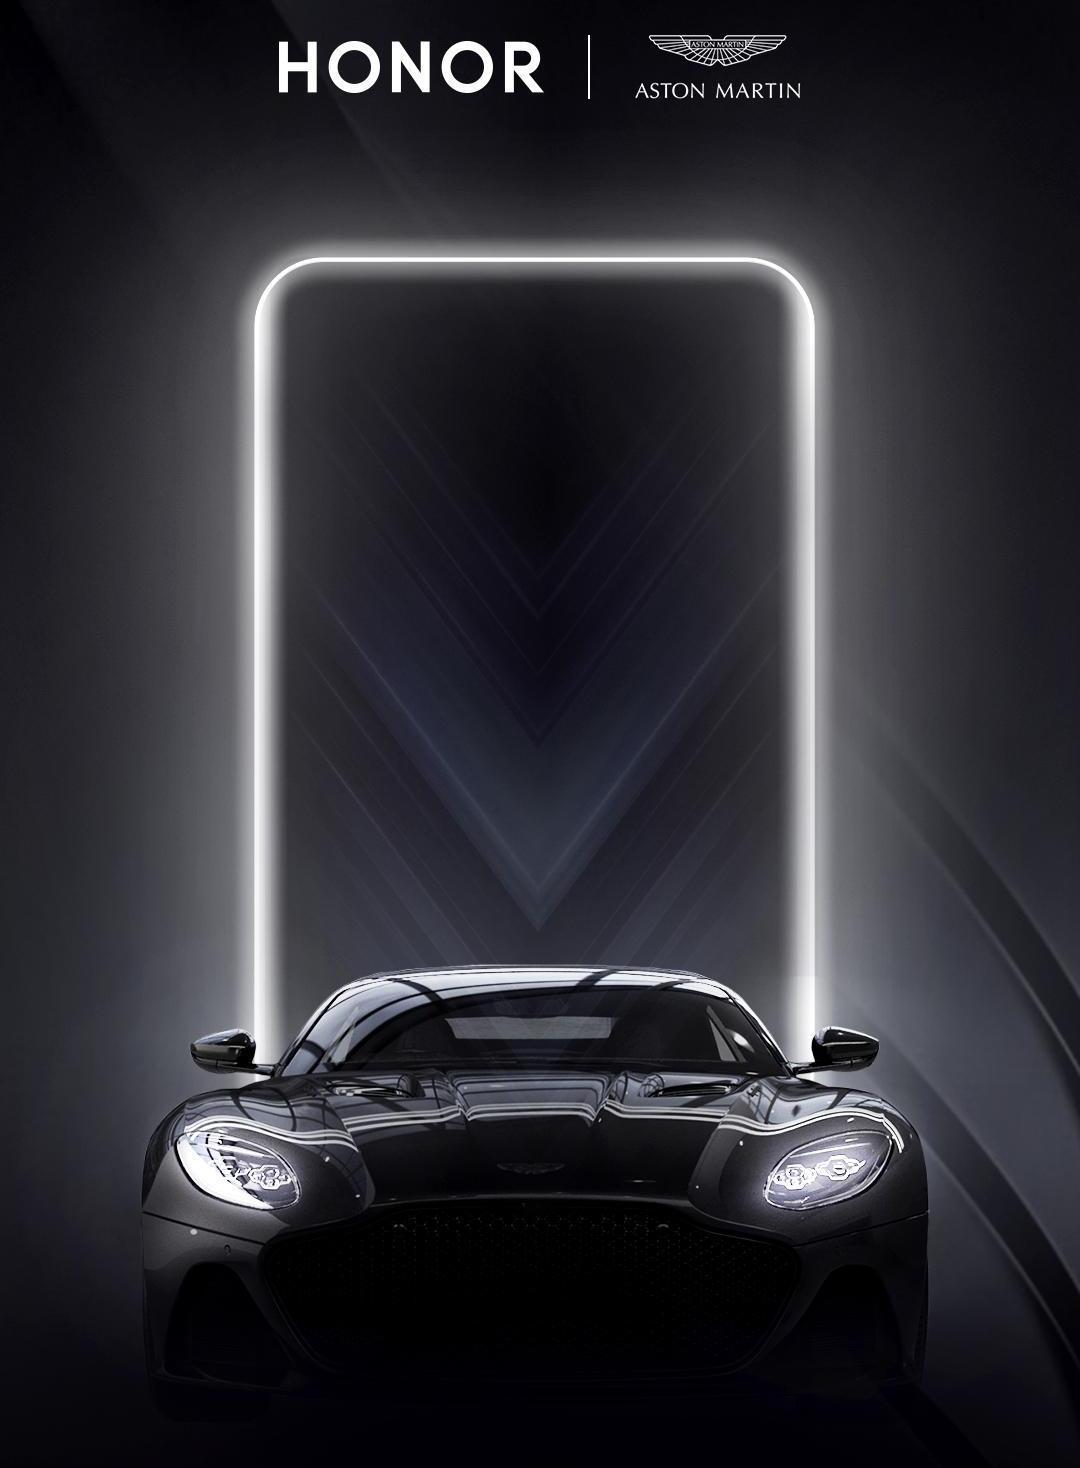 Huawei объединится с люксовым автопроизводителем для совместного создания смартфона